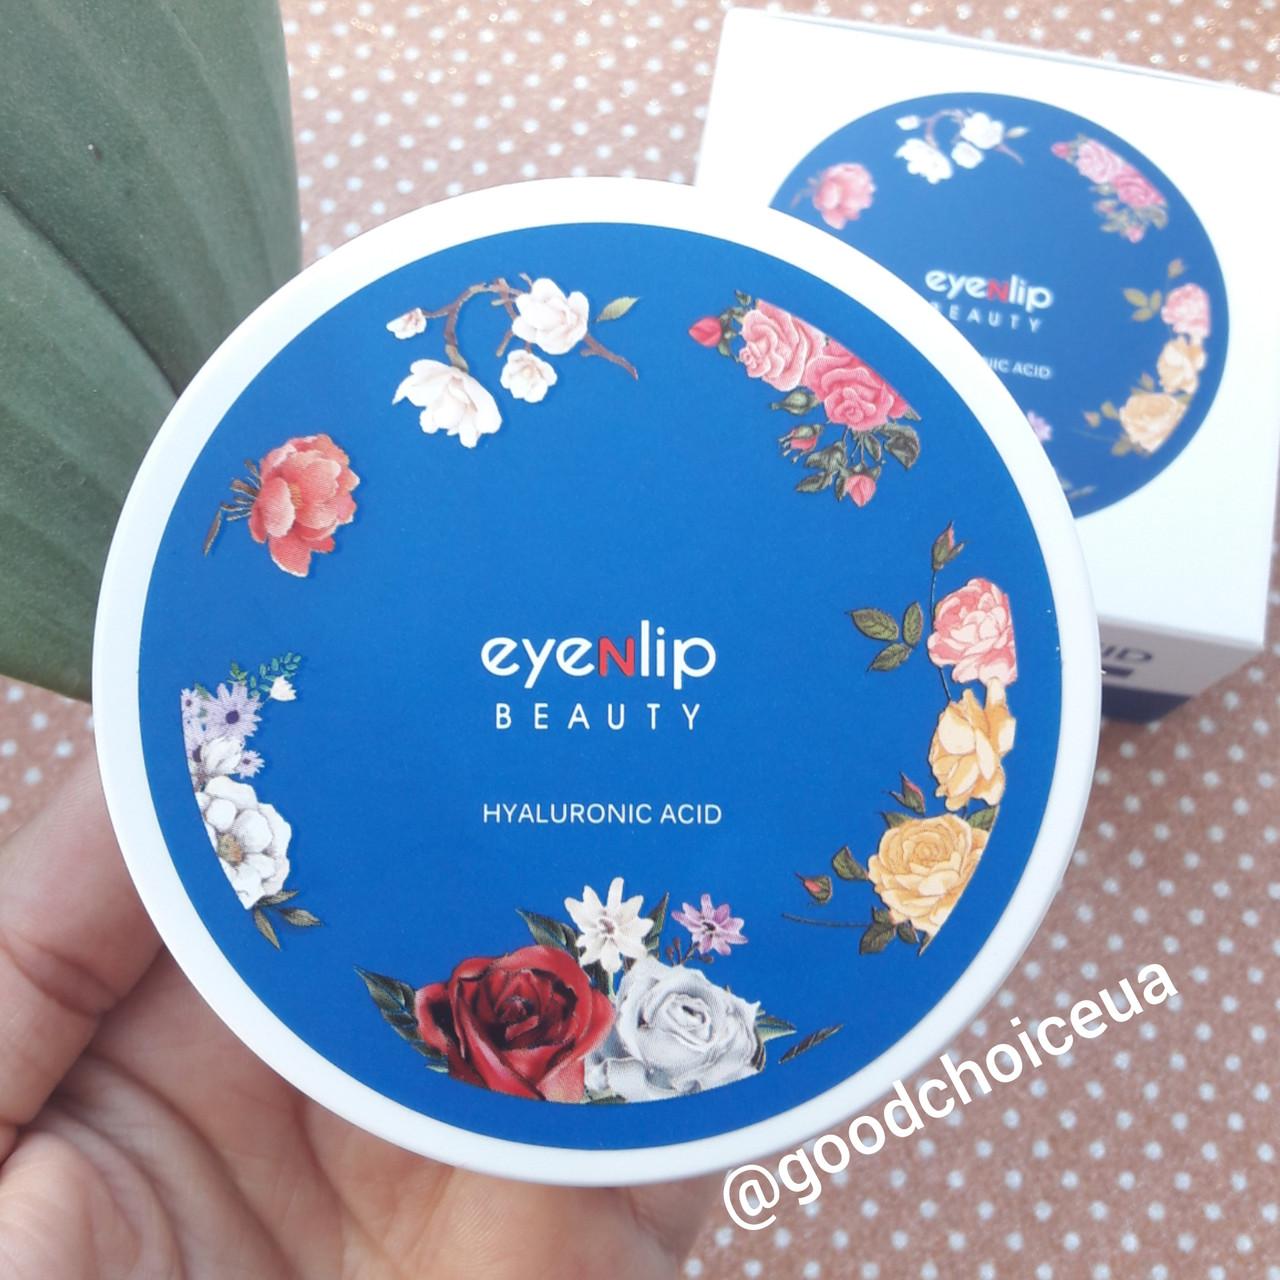 Гидрогелевые патчи с гиалуроновой кислотой Eyenlip Hydrogel Eye Patch - Hyaluronic Acid